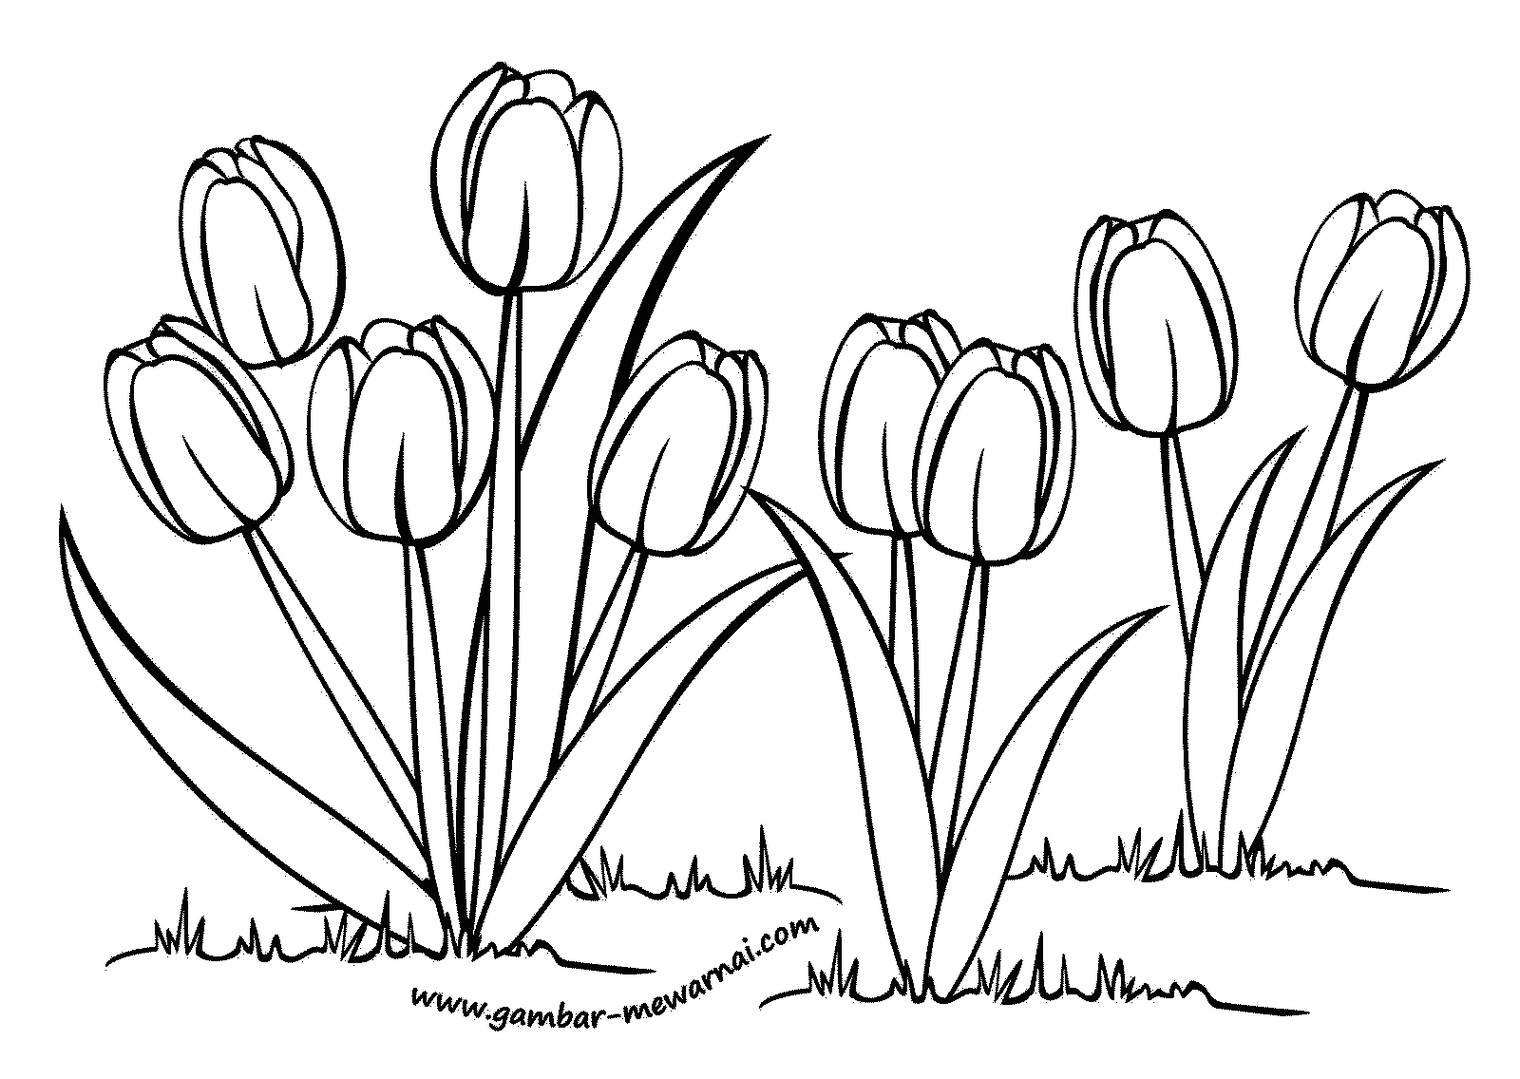 100 Gambar Sketsa Bunga Tulip Yang Mudah Kekinian Gambar